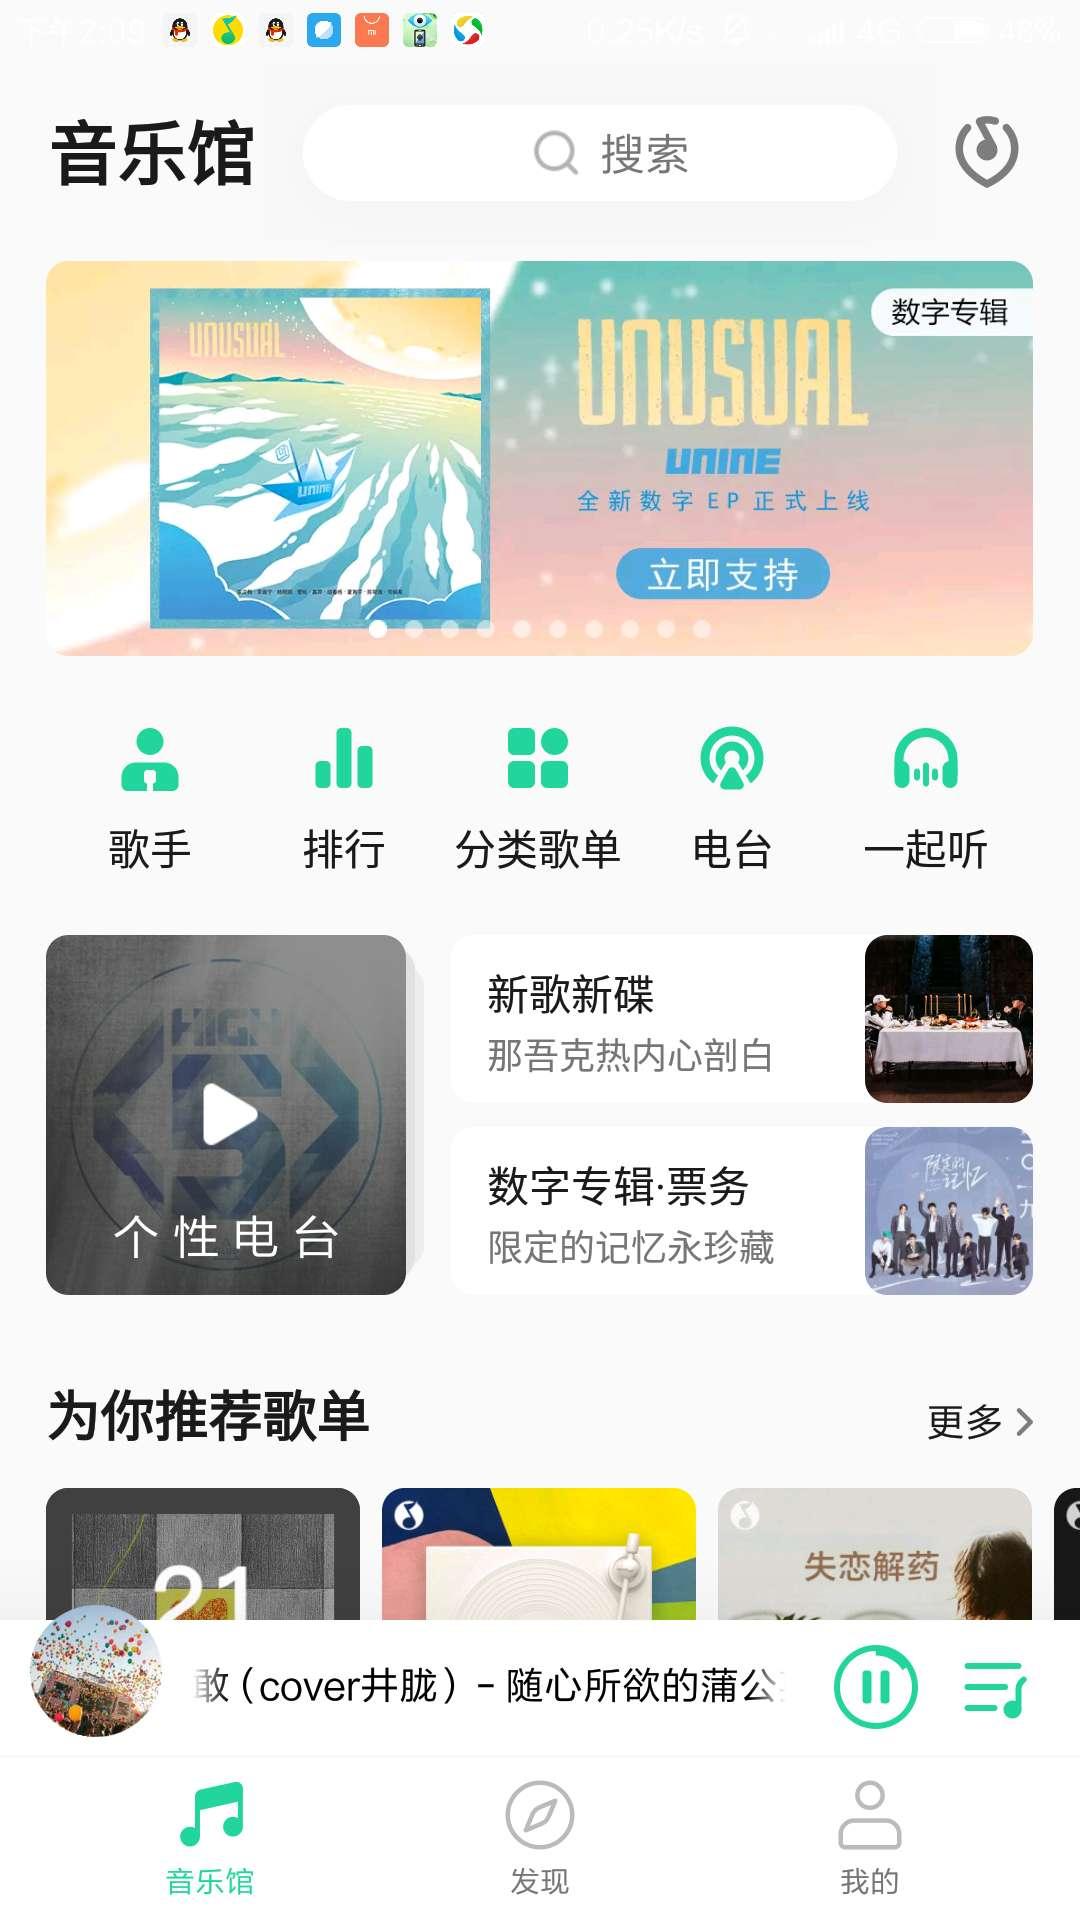 QQ音乐v9.0.1.2破解版 免费使用部分豪华绿钻特权-聚合资源网